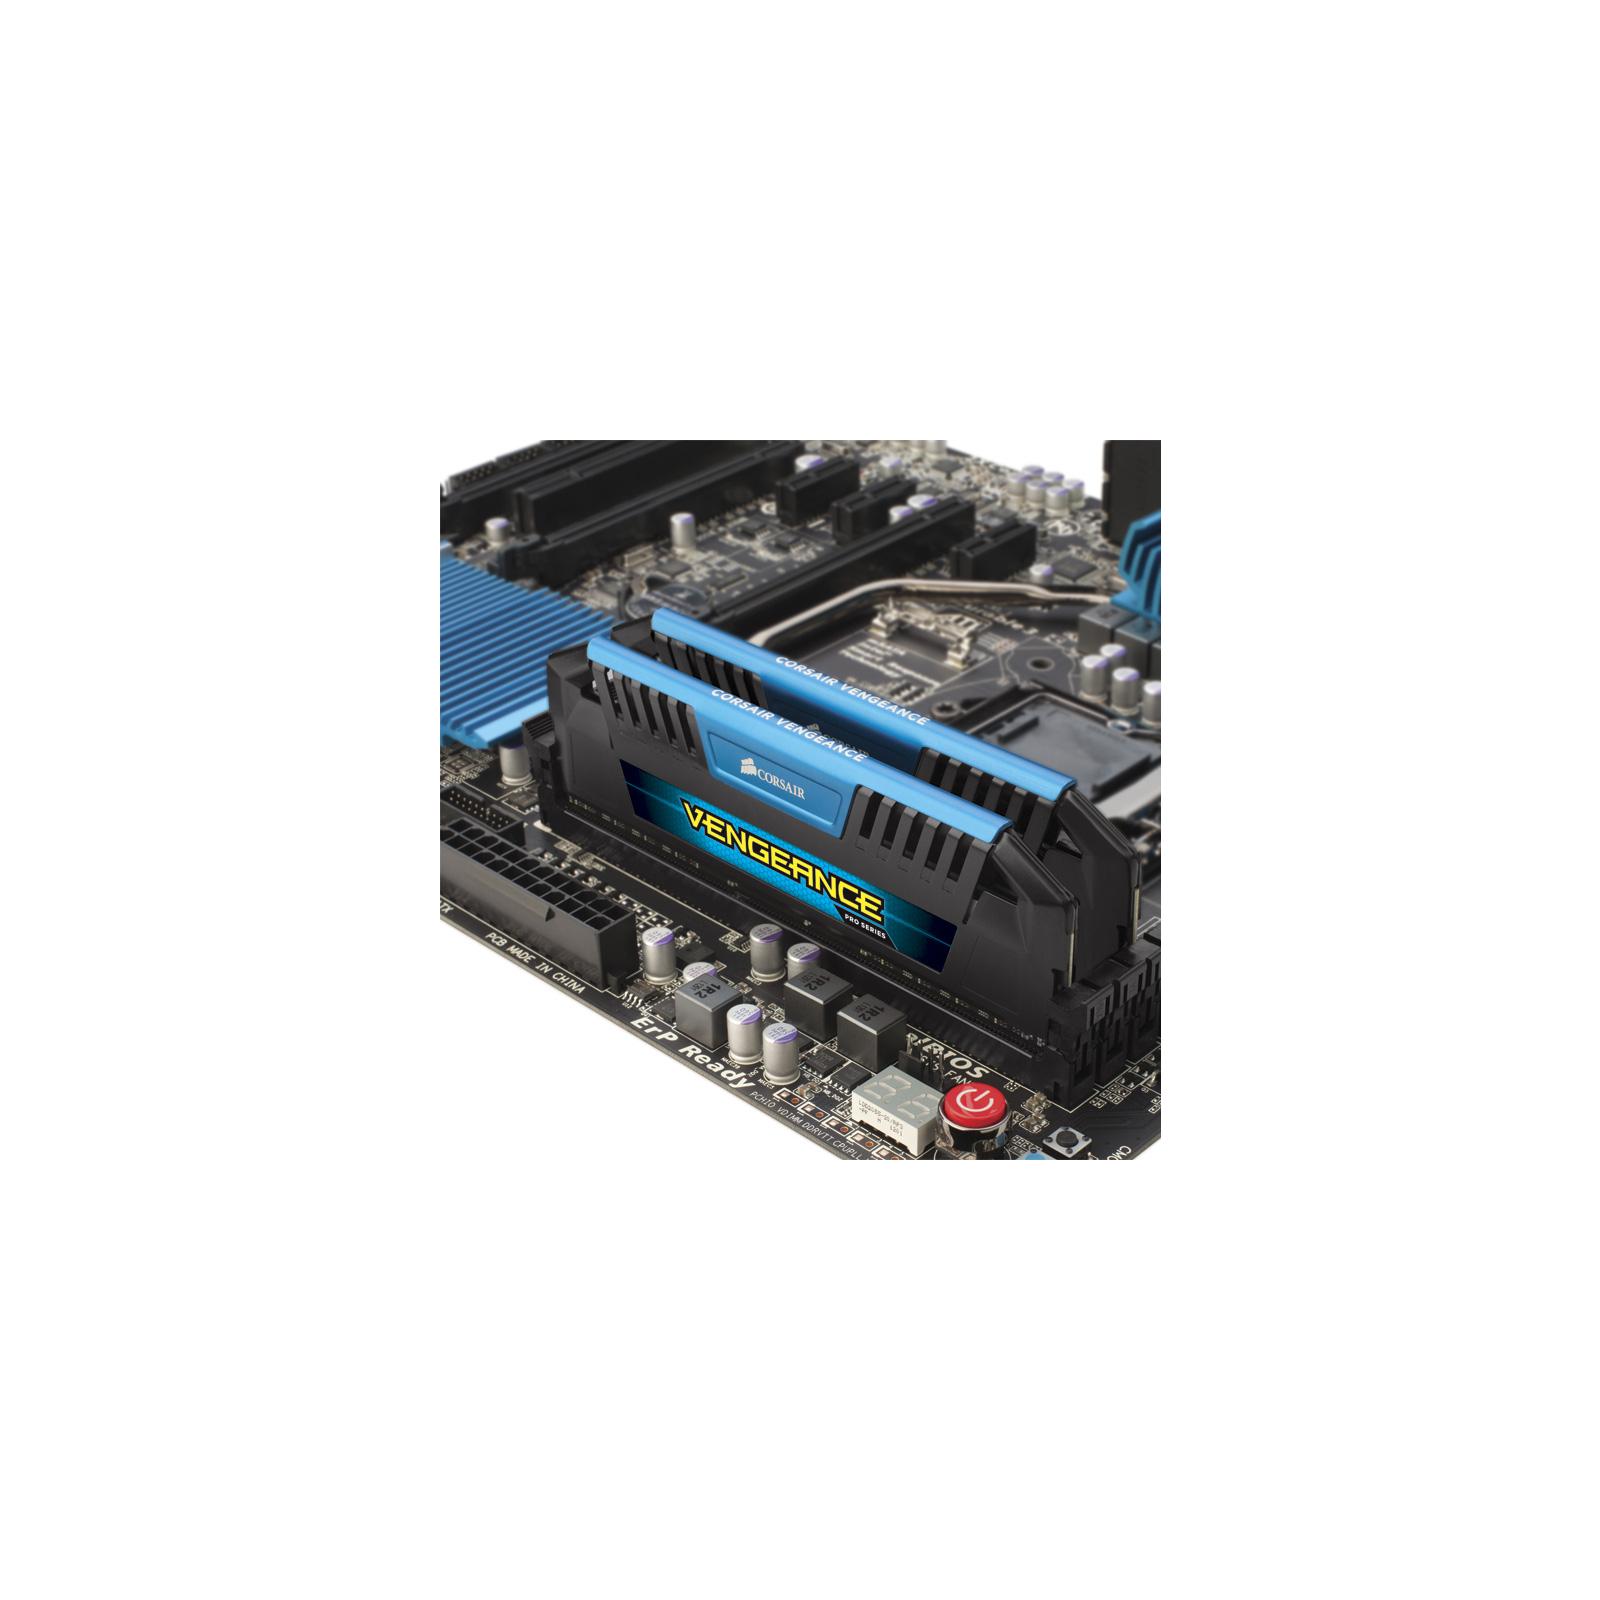 Модуль памяти для компьютера DDR3 8GB (2x4GB) 1600 MHz CORSAIR (CMY8GX3M2A1600C9B) изображение 2